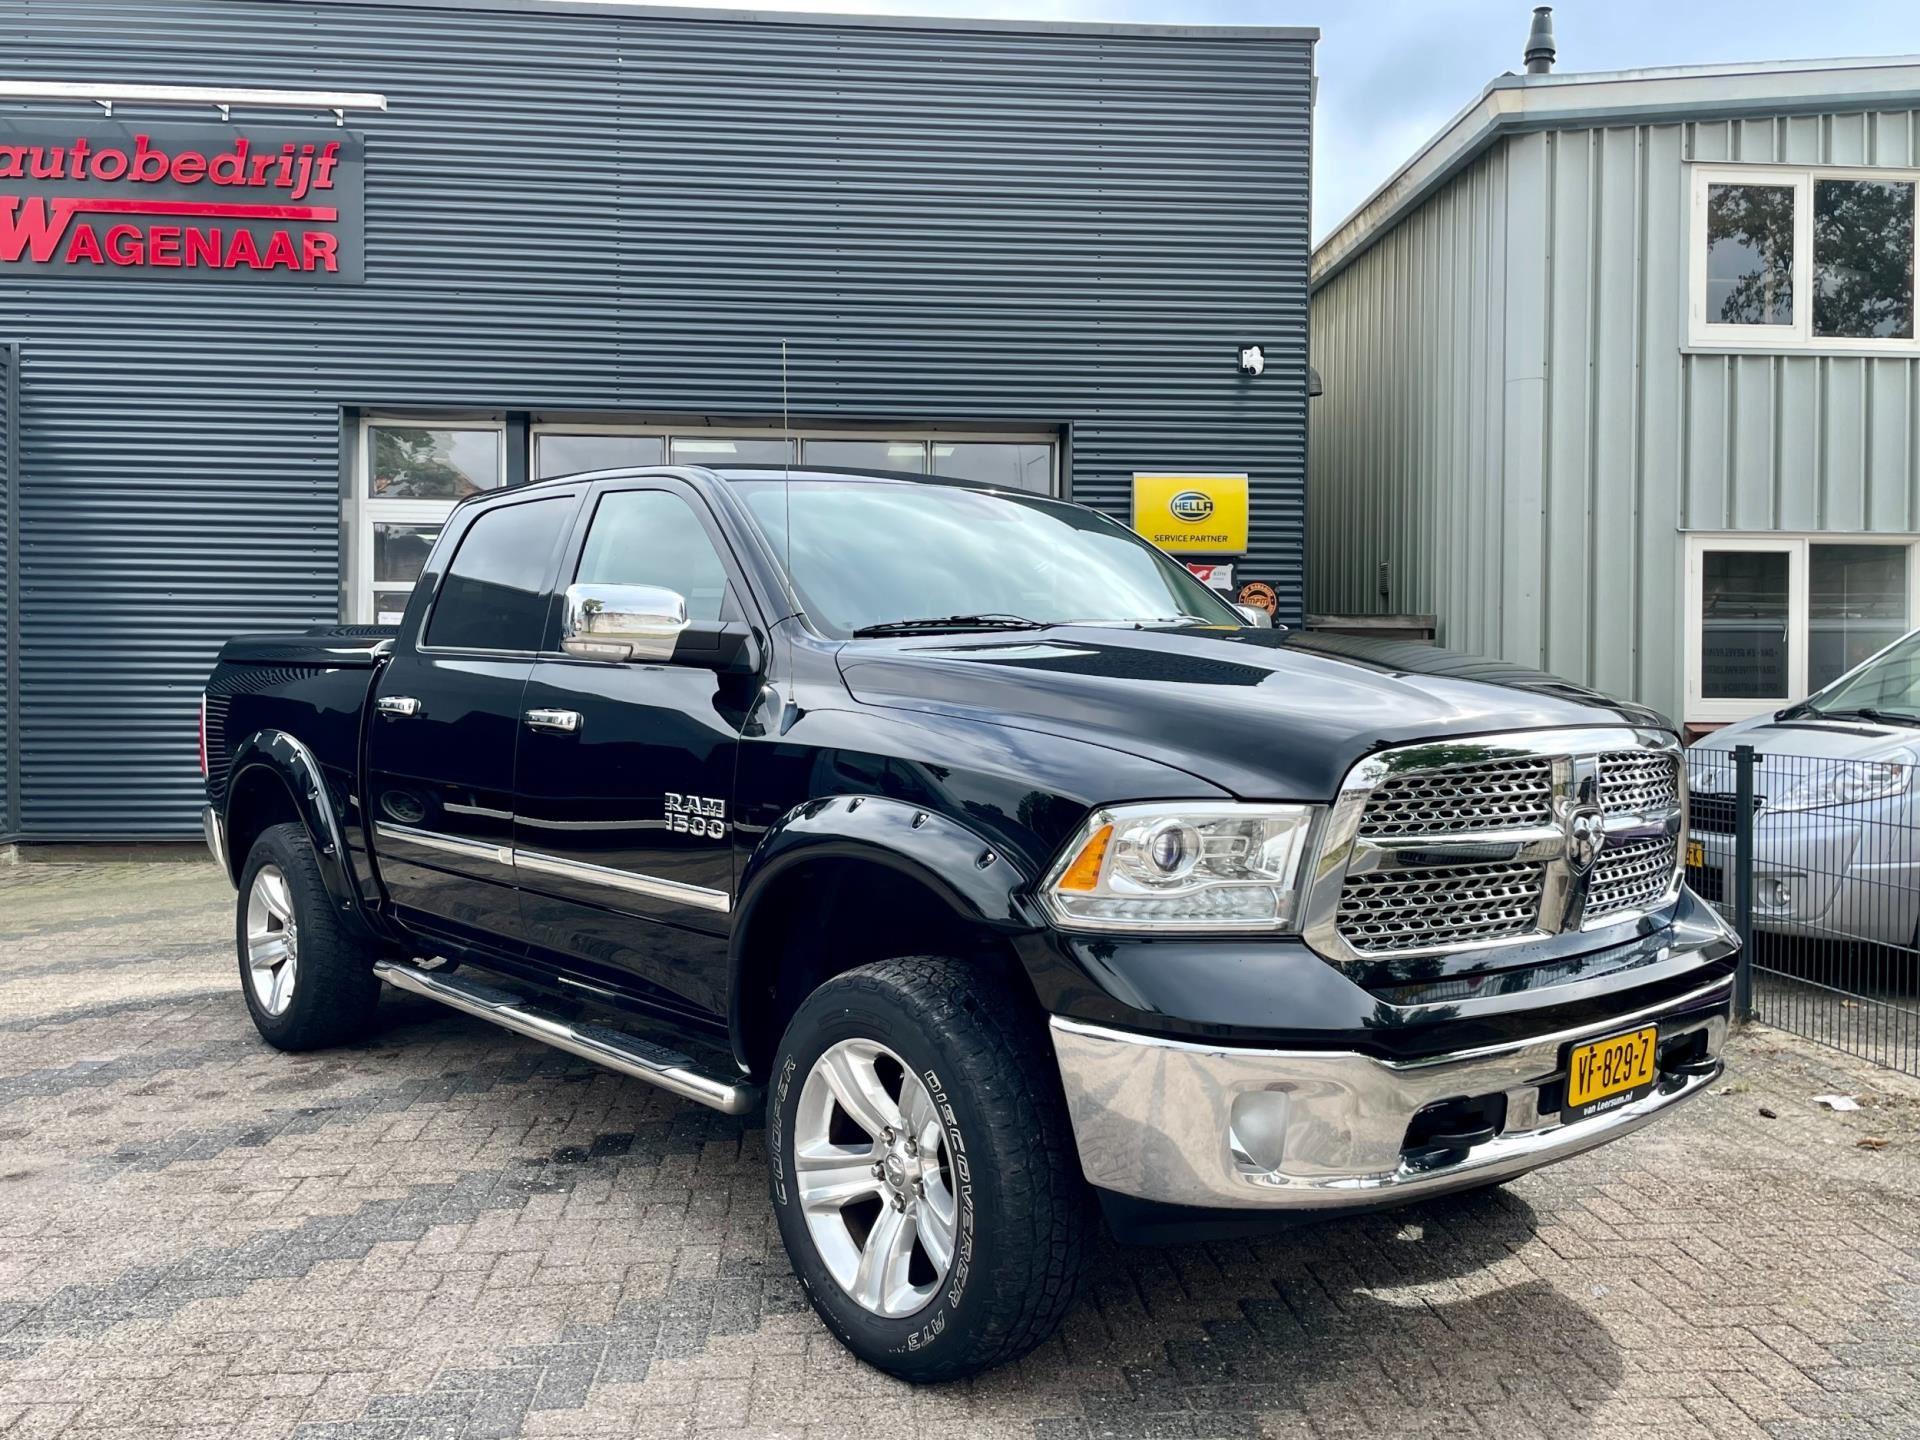 Dodge Ram 1500 occasion - Autobedrijf Wagenaar